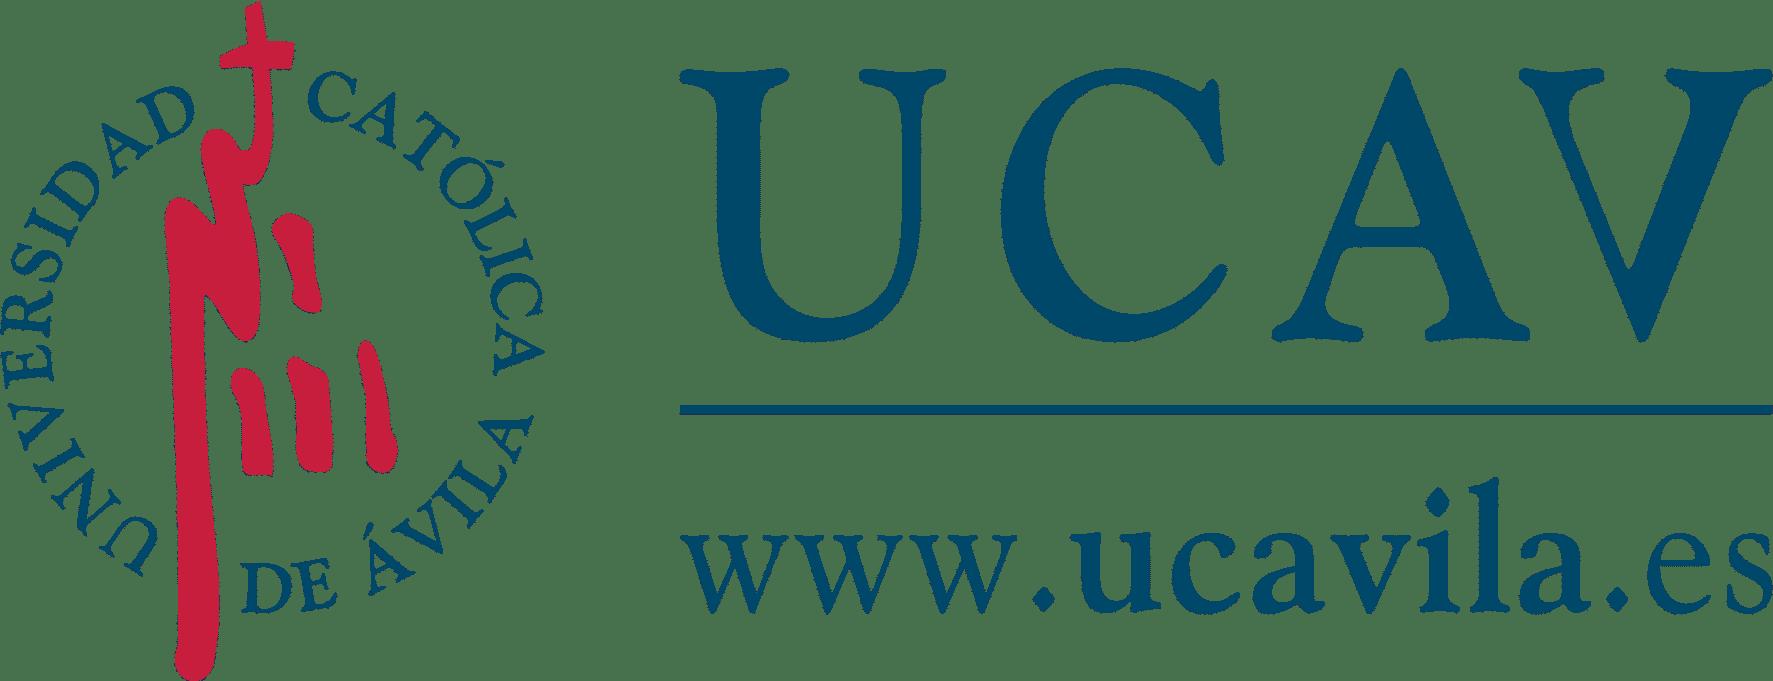 Logo de la UCAV